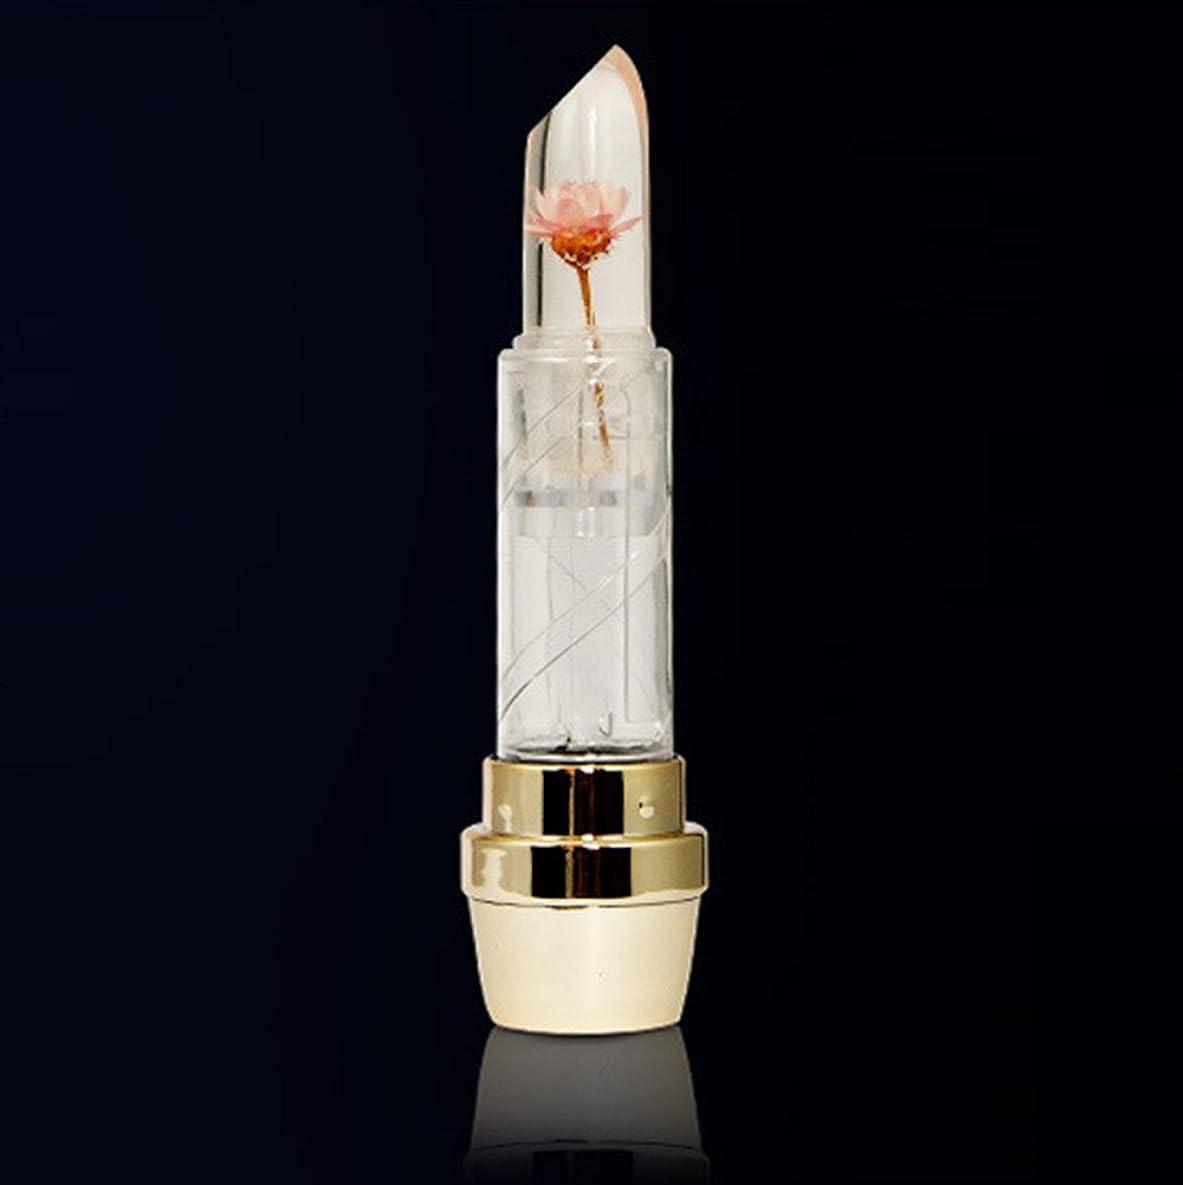 ミサイルバンジージャンプナサニエル区リップスティック 温度変化色 花 透明口紅 水晶 ゼリー オシャレ リップクリーム カワイイ とろけるような付け心地美人発色上質ルージュhuajuanC